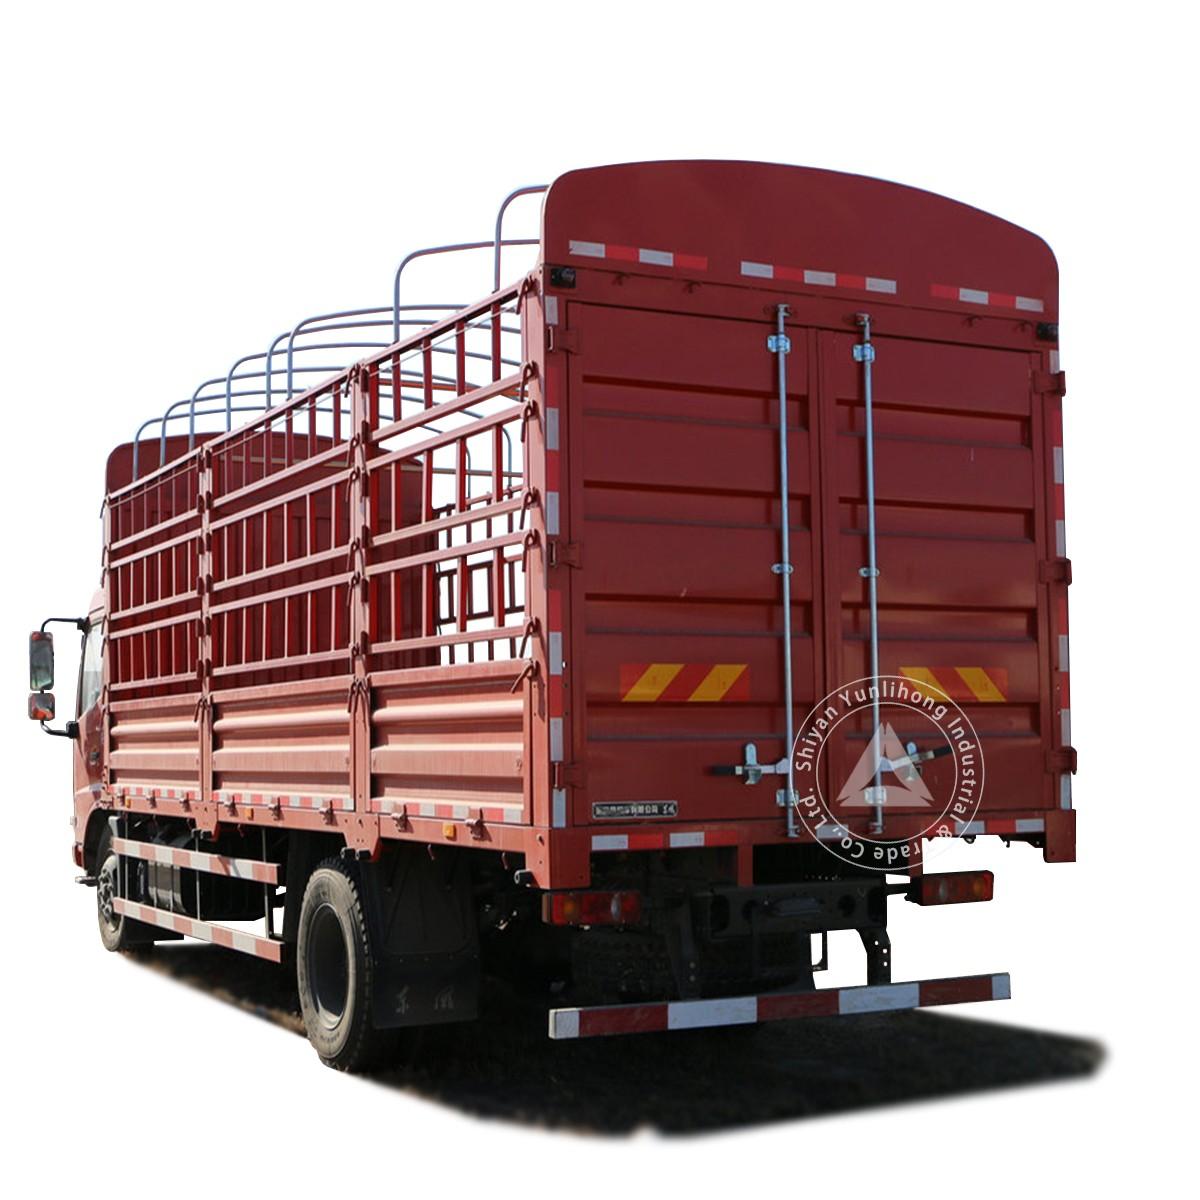 खरीदने के लिए डोंगफेंग केआर 4x2 जीवीडब्ल्यू 11.6 टन सिटी डिस्ट्रीब्यूशन कार्गो ट्रूक चेसिस,डोंगफेंग केआर 4x2 जीवीडब्ल्यू 11.6 टन सिटी डिस्ट्रीब्यूशन कार्गो ट्रूक चेसिस दाम,डोंगफेंग केआर 4x2 जीवीडब्ल्यू 11.6 टन सिटी डिस्ट्रीब्यूशन कार्गो ट्रूक चेसिस ब्रांड,डोंगफेंग केआर 4x2 जीवीडब्ल्यू 11.6 टन सिटी डिस्ट्रीब्यूशन कार्गो ट्रूक चेसिस मैन्युफैक्चरर्स,डोंगफेंग केआर 4x2 जीवीडब्ल्यू 11.6 टन सिटी डिस्ट्रीब्यूशन कार्गो ट्रूक चेसिस उद्धृत मूल्य,डोंगफेंग केआर 4x2 जीवीडब्ल्यू 11.6 टन सिटी डिस्ट्रीब्यूशन कार्गो ट्रूक चेसिस कंपनी,